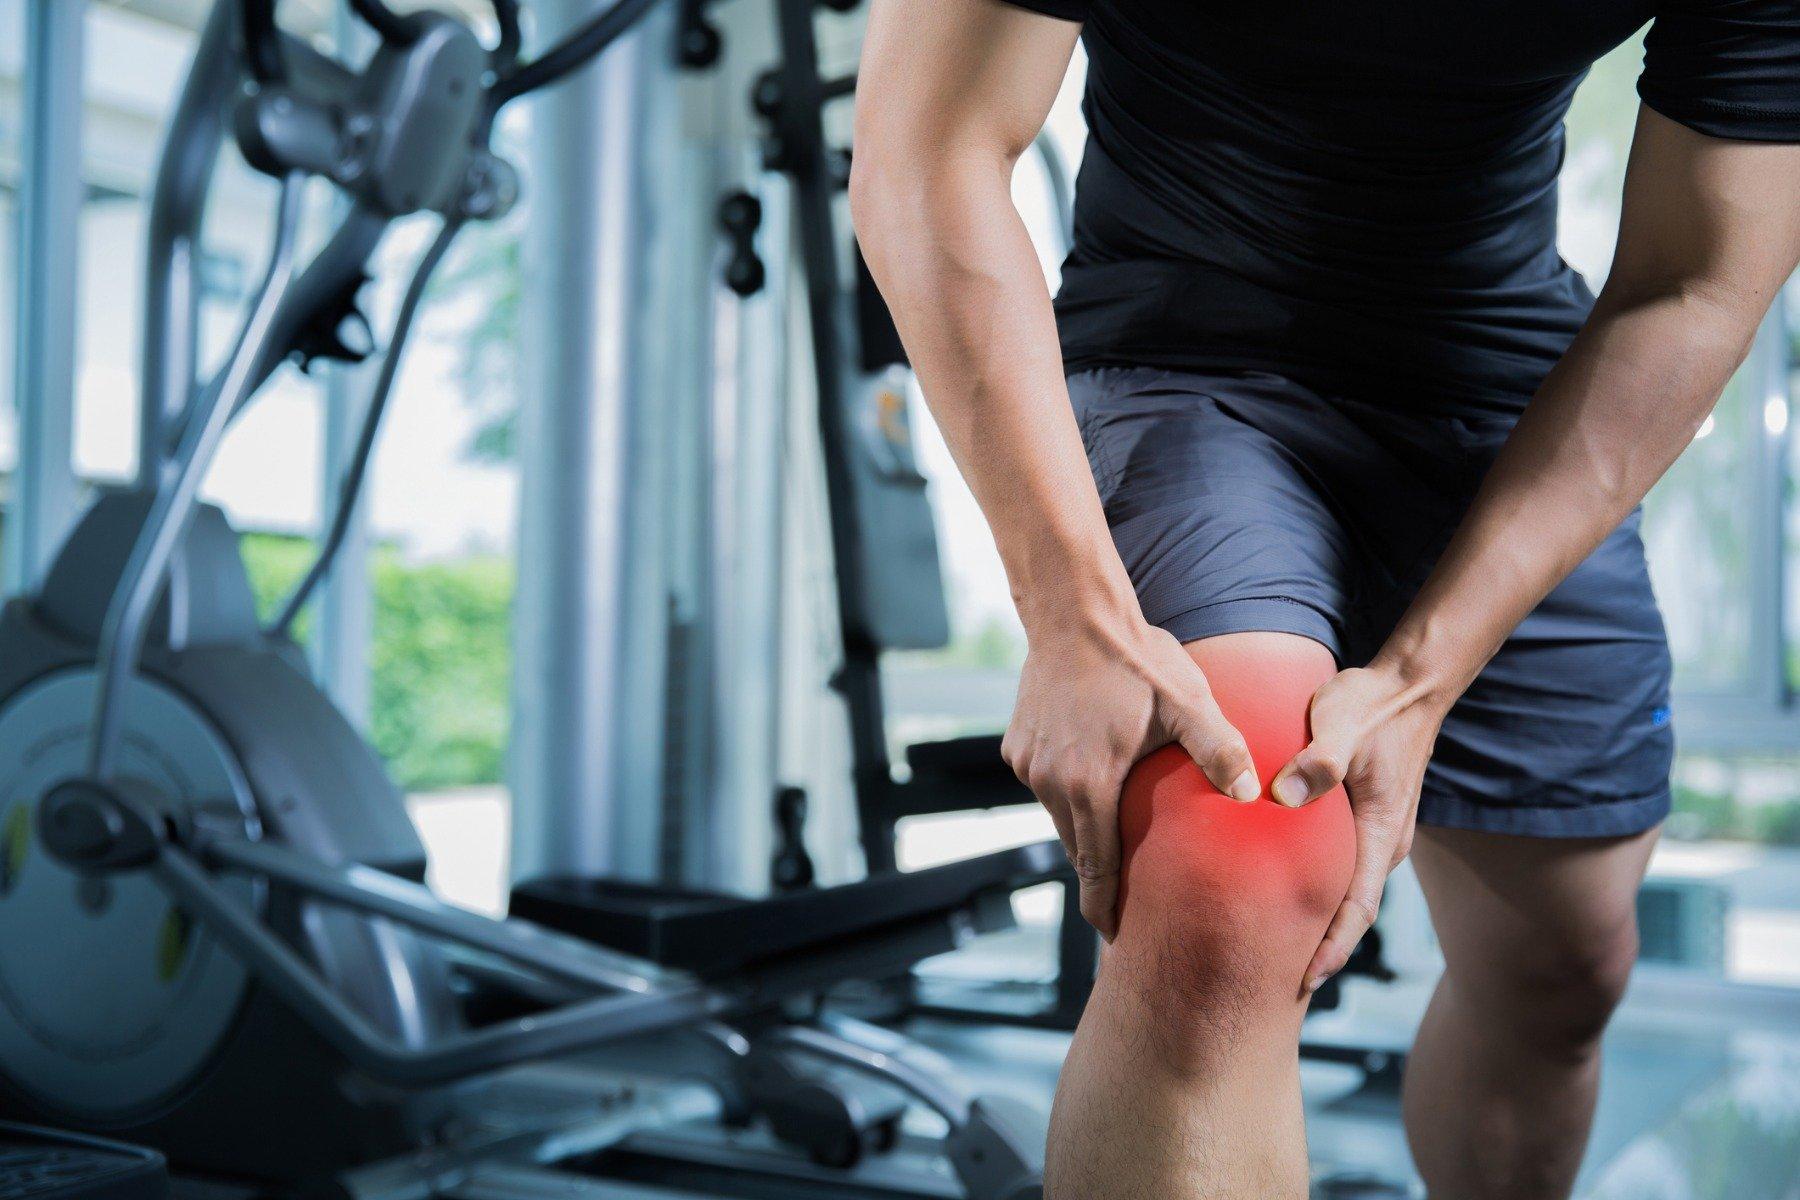 hogyan lehet kezelni a térd artritiszét 1 fokkal)